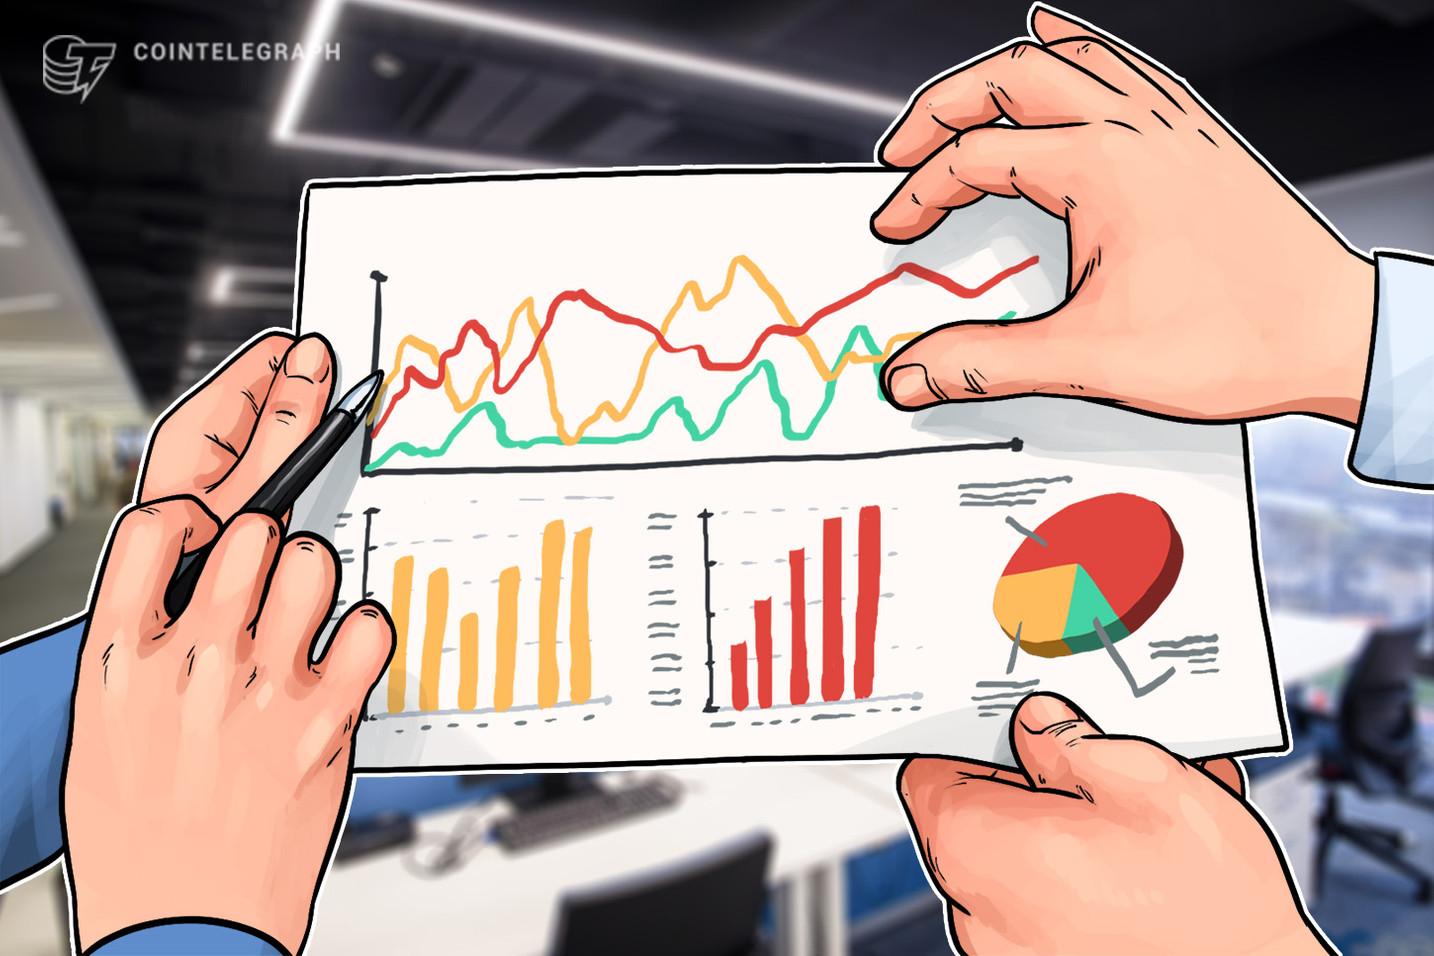 PwC stringe una partnership con una piattaforma di credito decentralizzata che lancerà una stablecoin